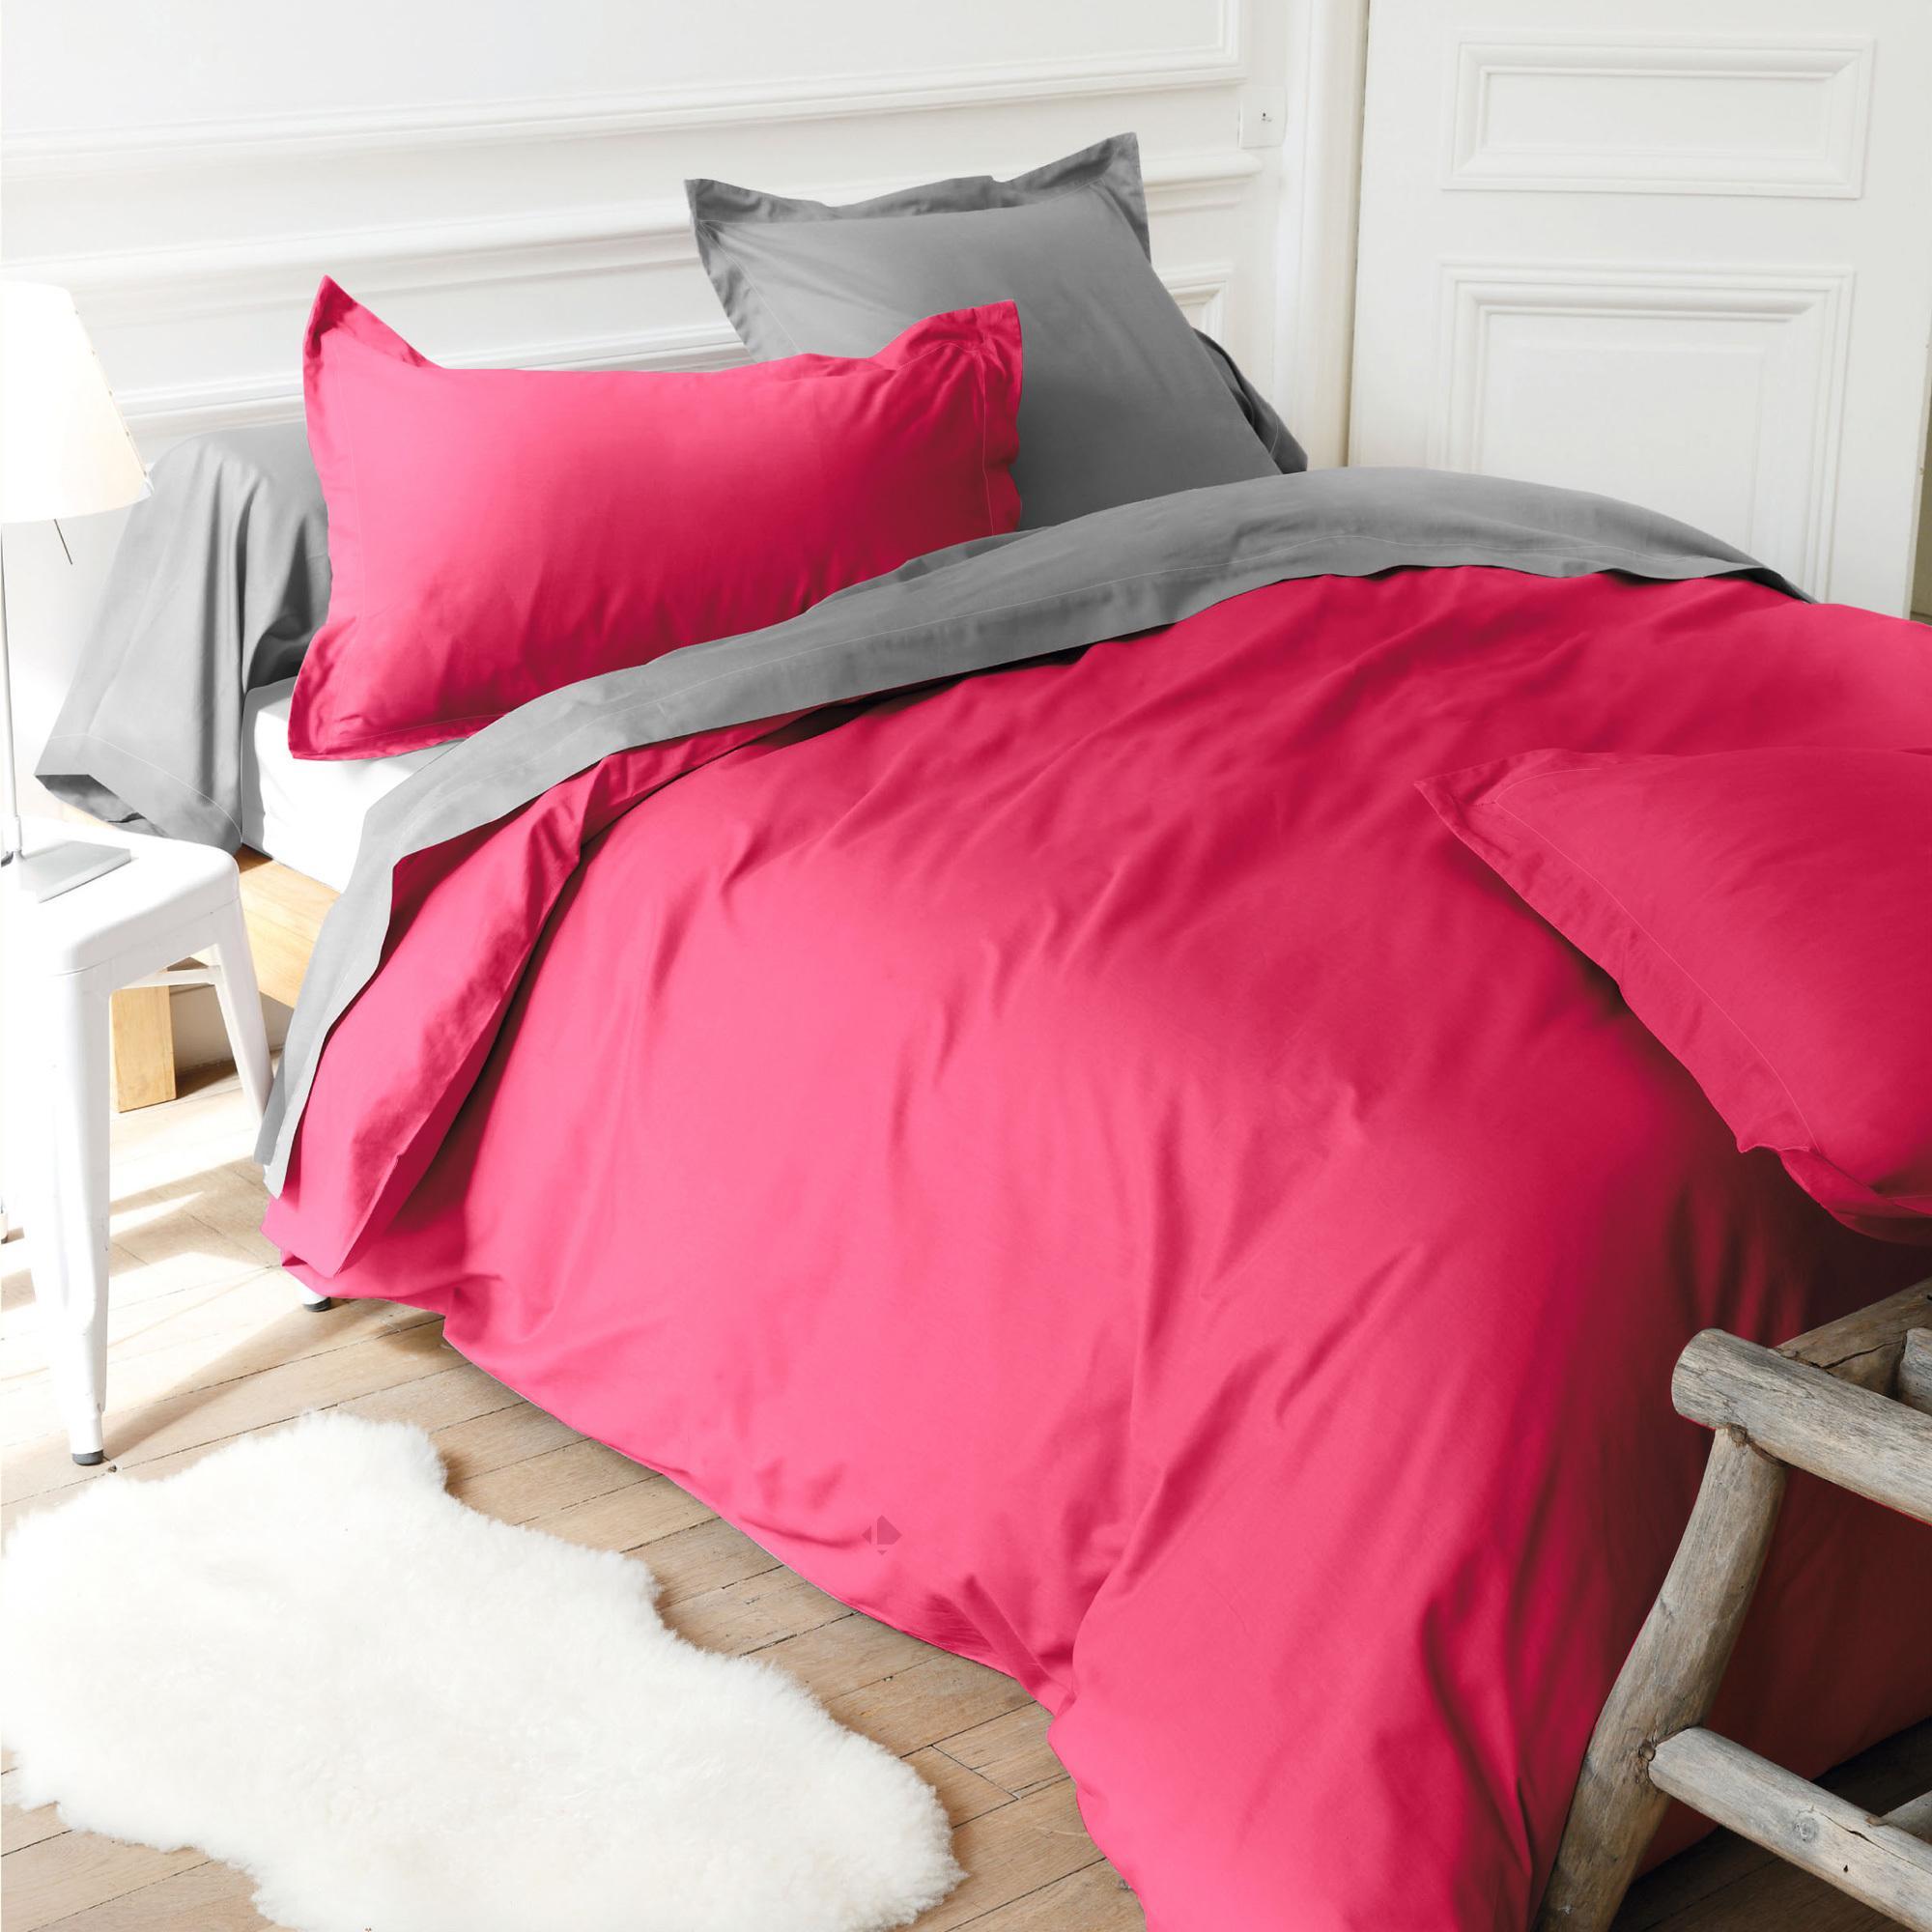 housse de couette 300x240cm uni pur coton alto rose kerala linnea linge de maison et. Black Bedroom Furniture Sets. Home Design Ideas